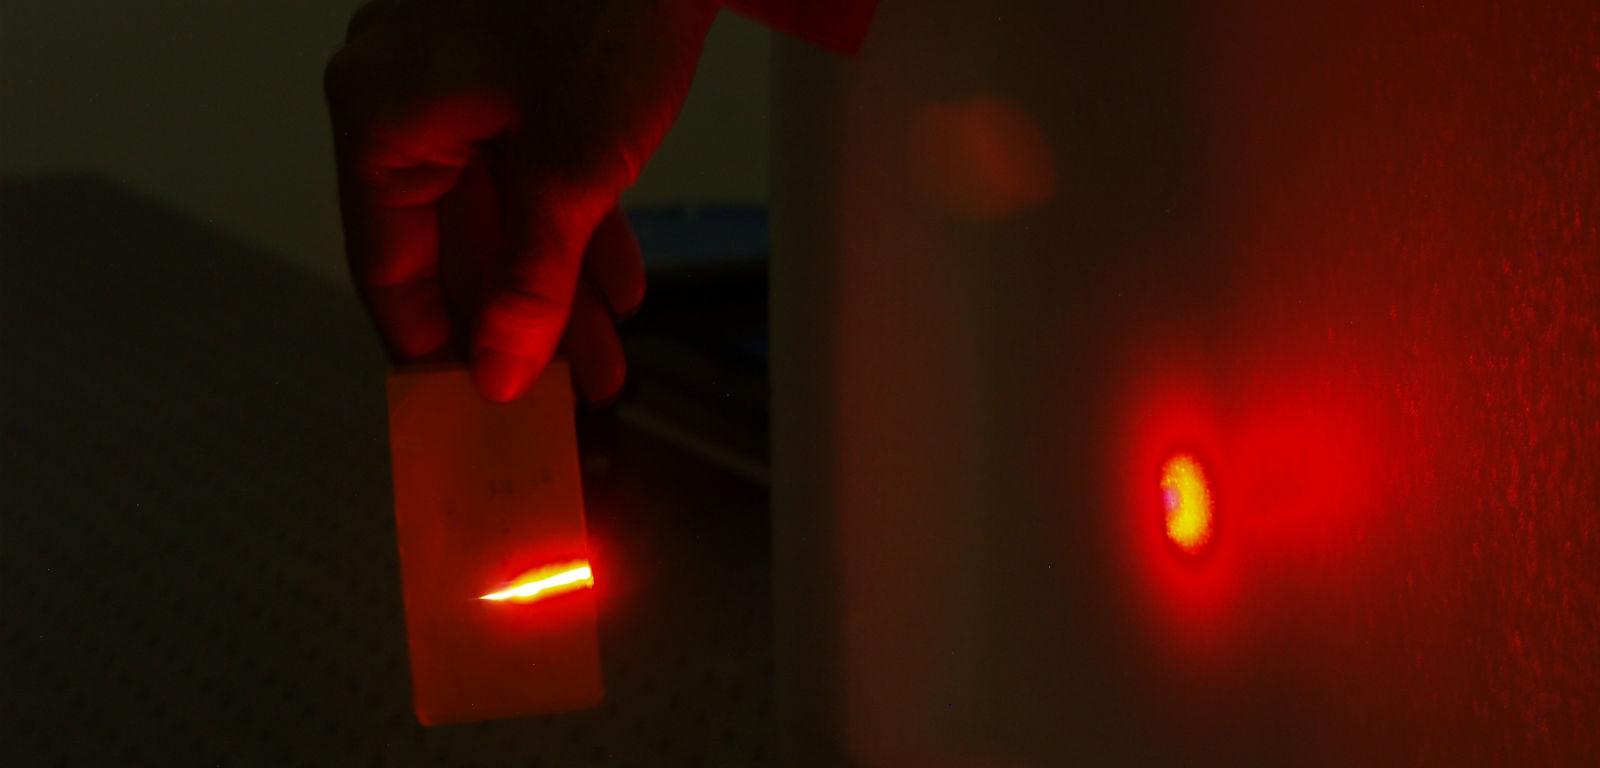 La fotónica es una de las áreas incluidas en el Doctorado de Física Aplicada y Tecnología